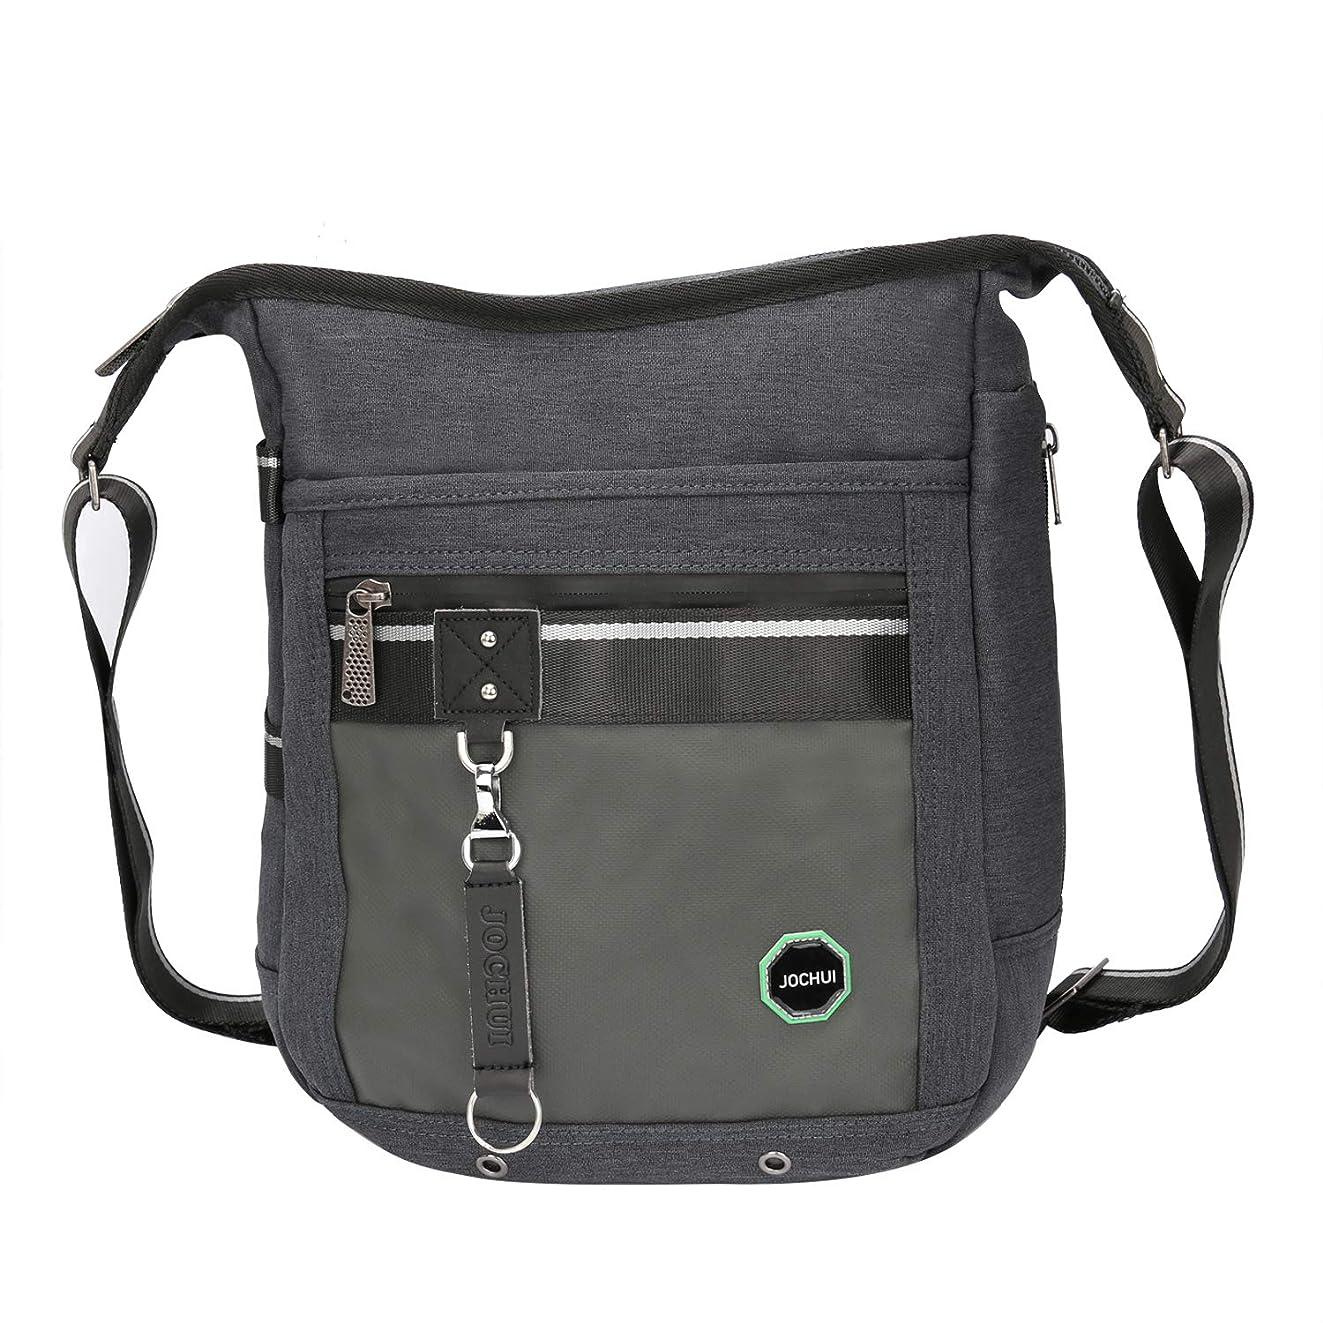 Vertical Crossbody Bag, JOCHUI Messenger Bag for Men Women Shoulder Bag Small Laptop Tablet Bag Black